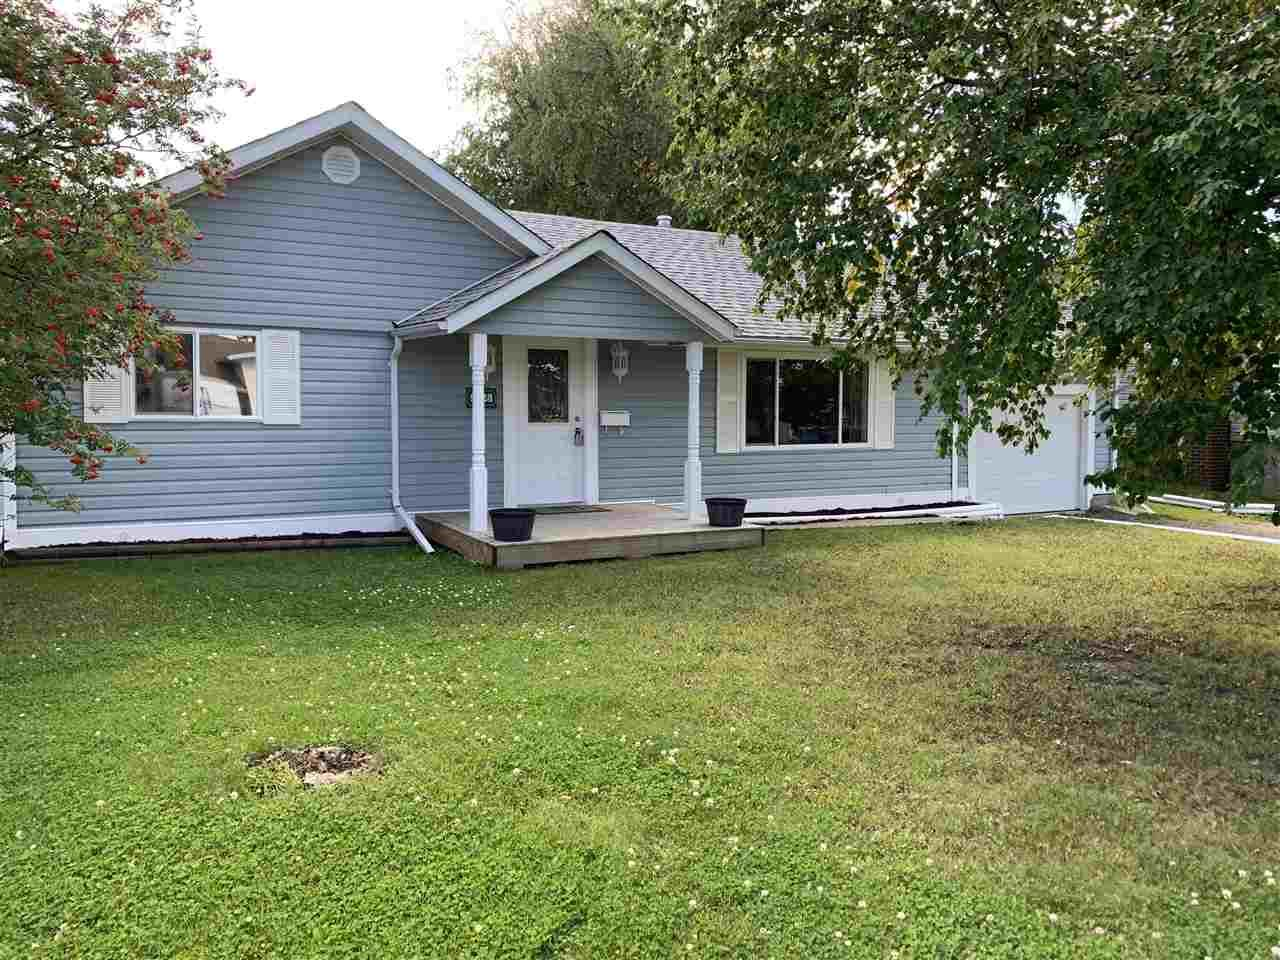 Main Photo: 9223 105 Avenue in Fort St. John: Fort St. John - City NE House for sale (Fort St. John (Zone 60))  : MLS®# R2399013